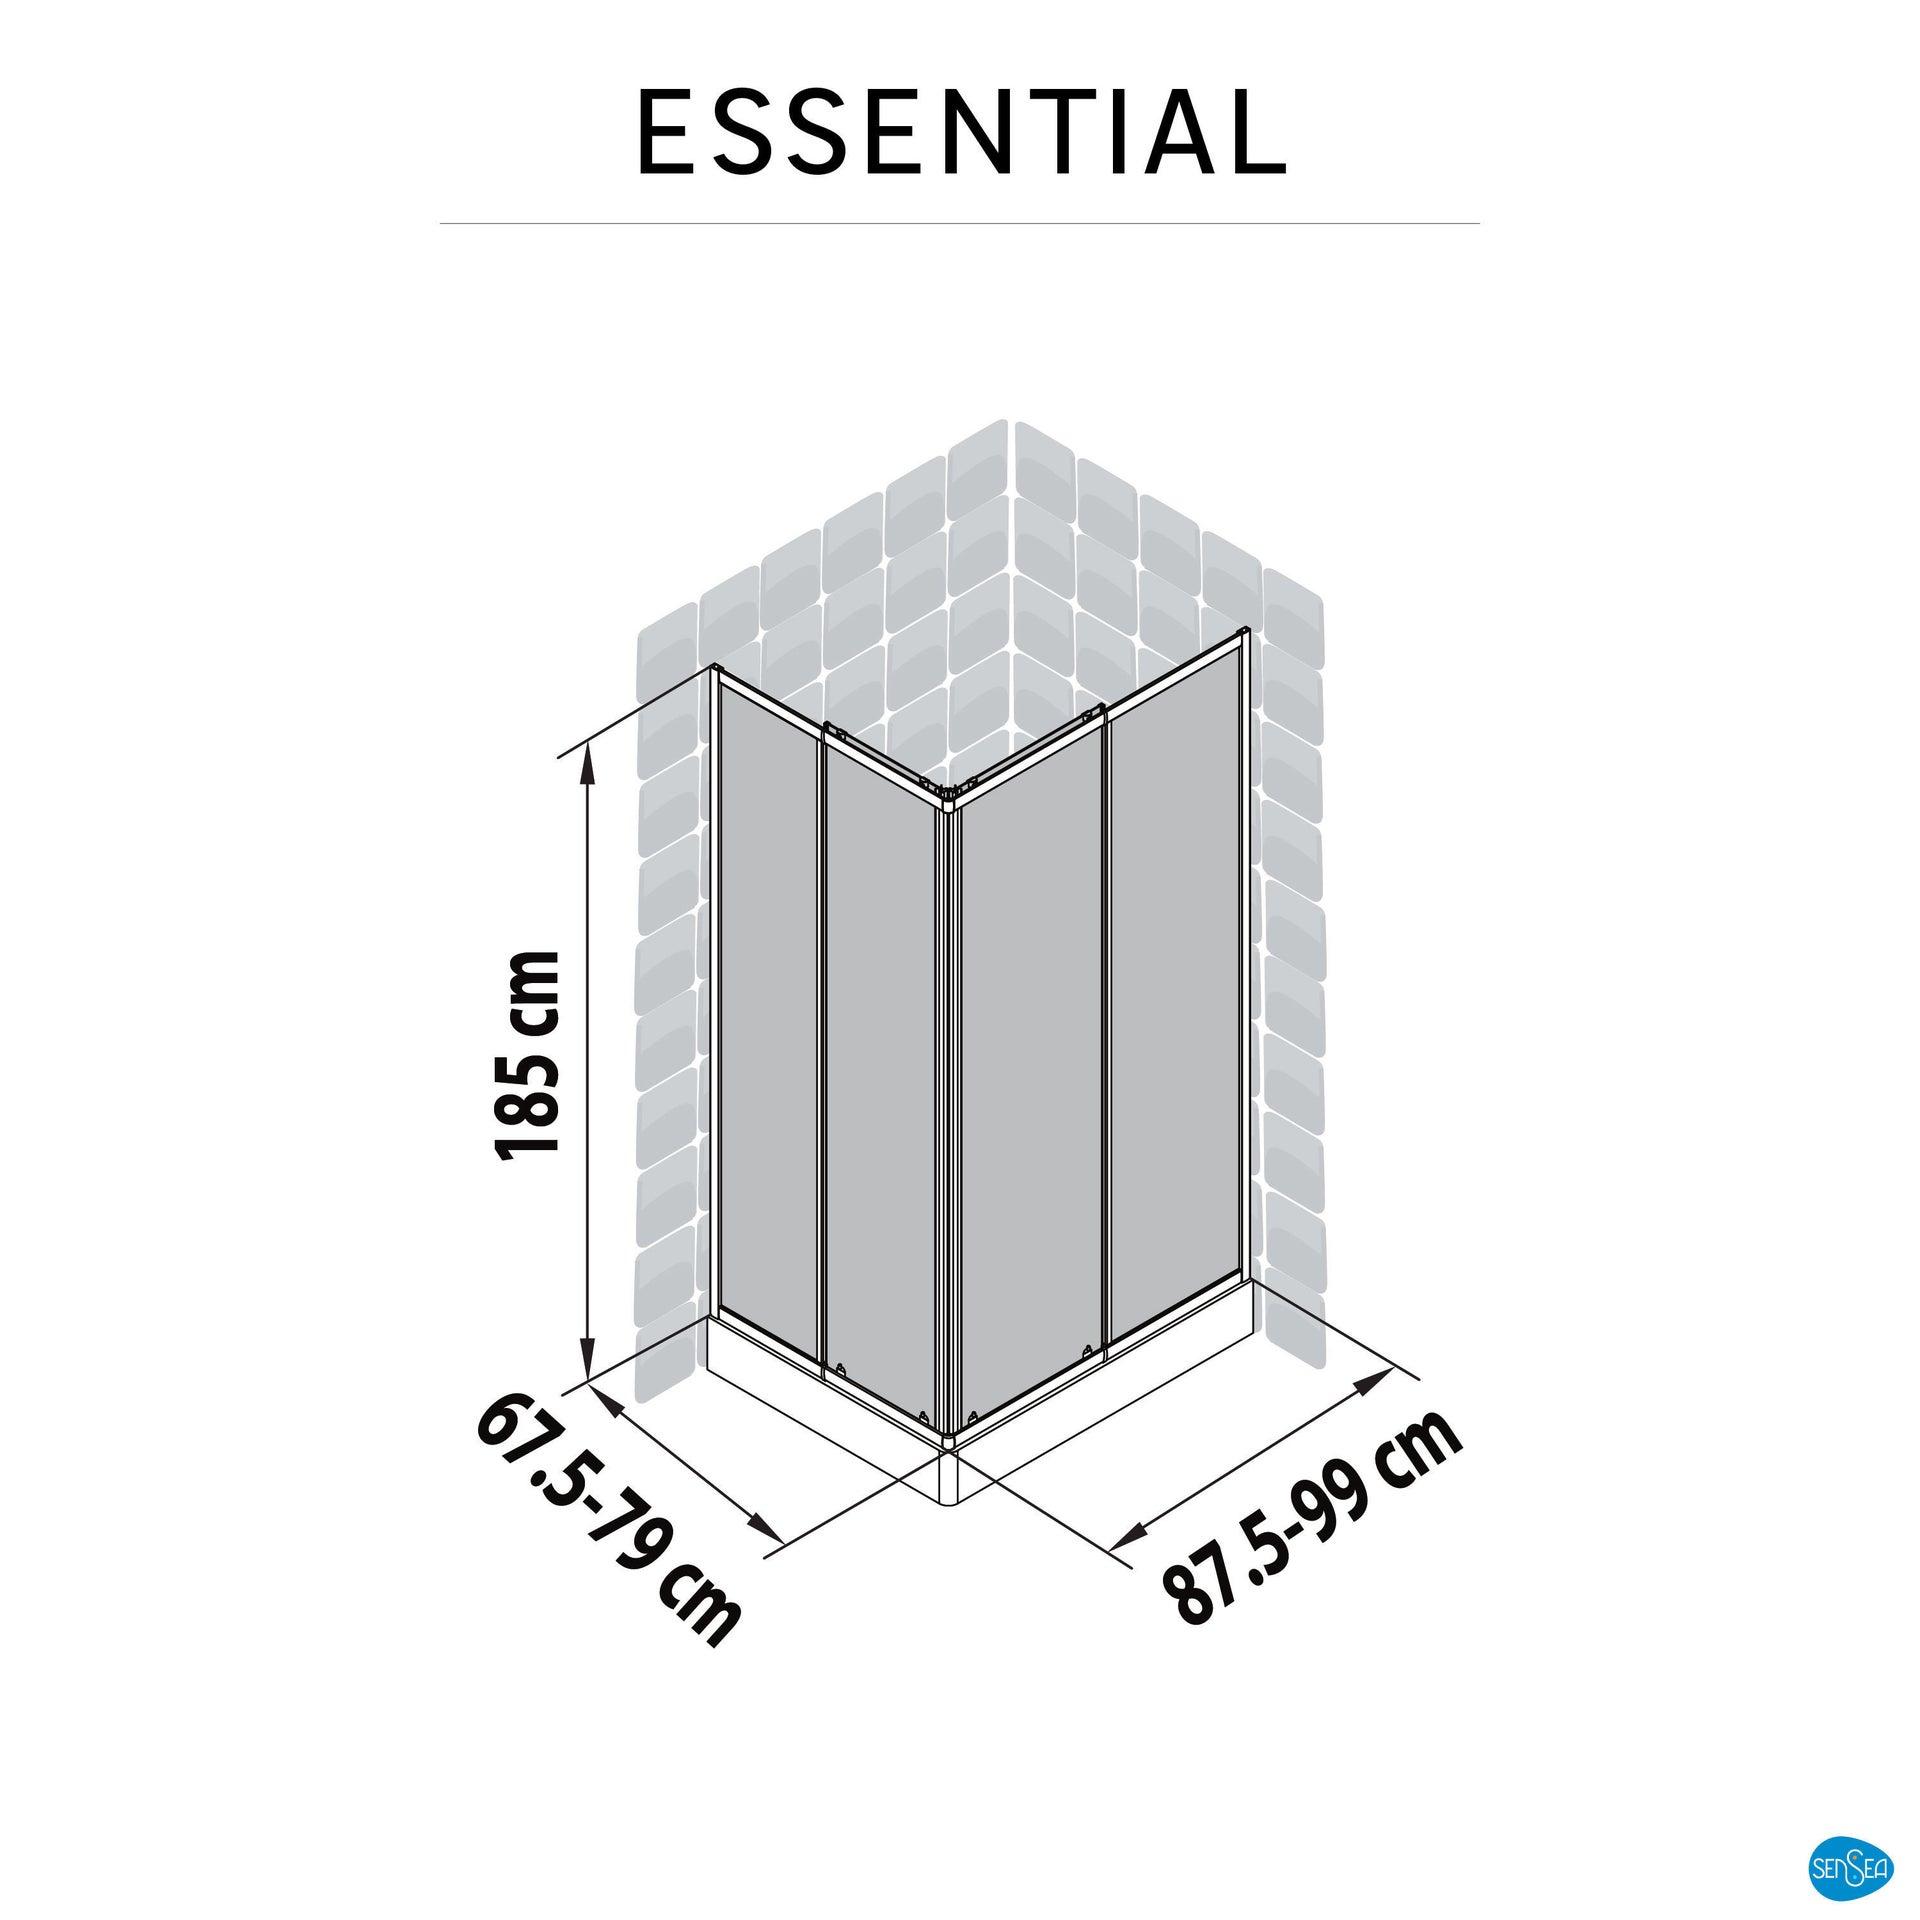 Box doccia rettangolare scorrevole Essential 70 x 100 cm, H 185 cm in vetro temprato, spessore 4 mm trasparente cromato - 9